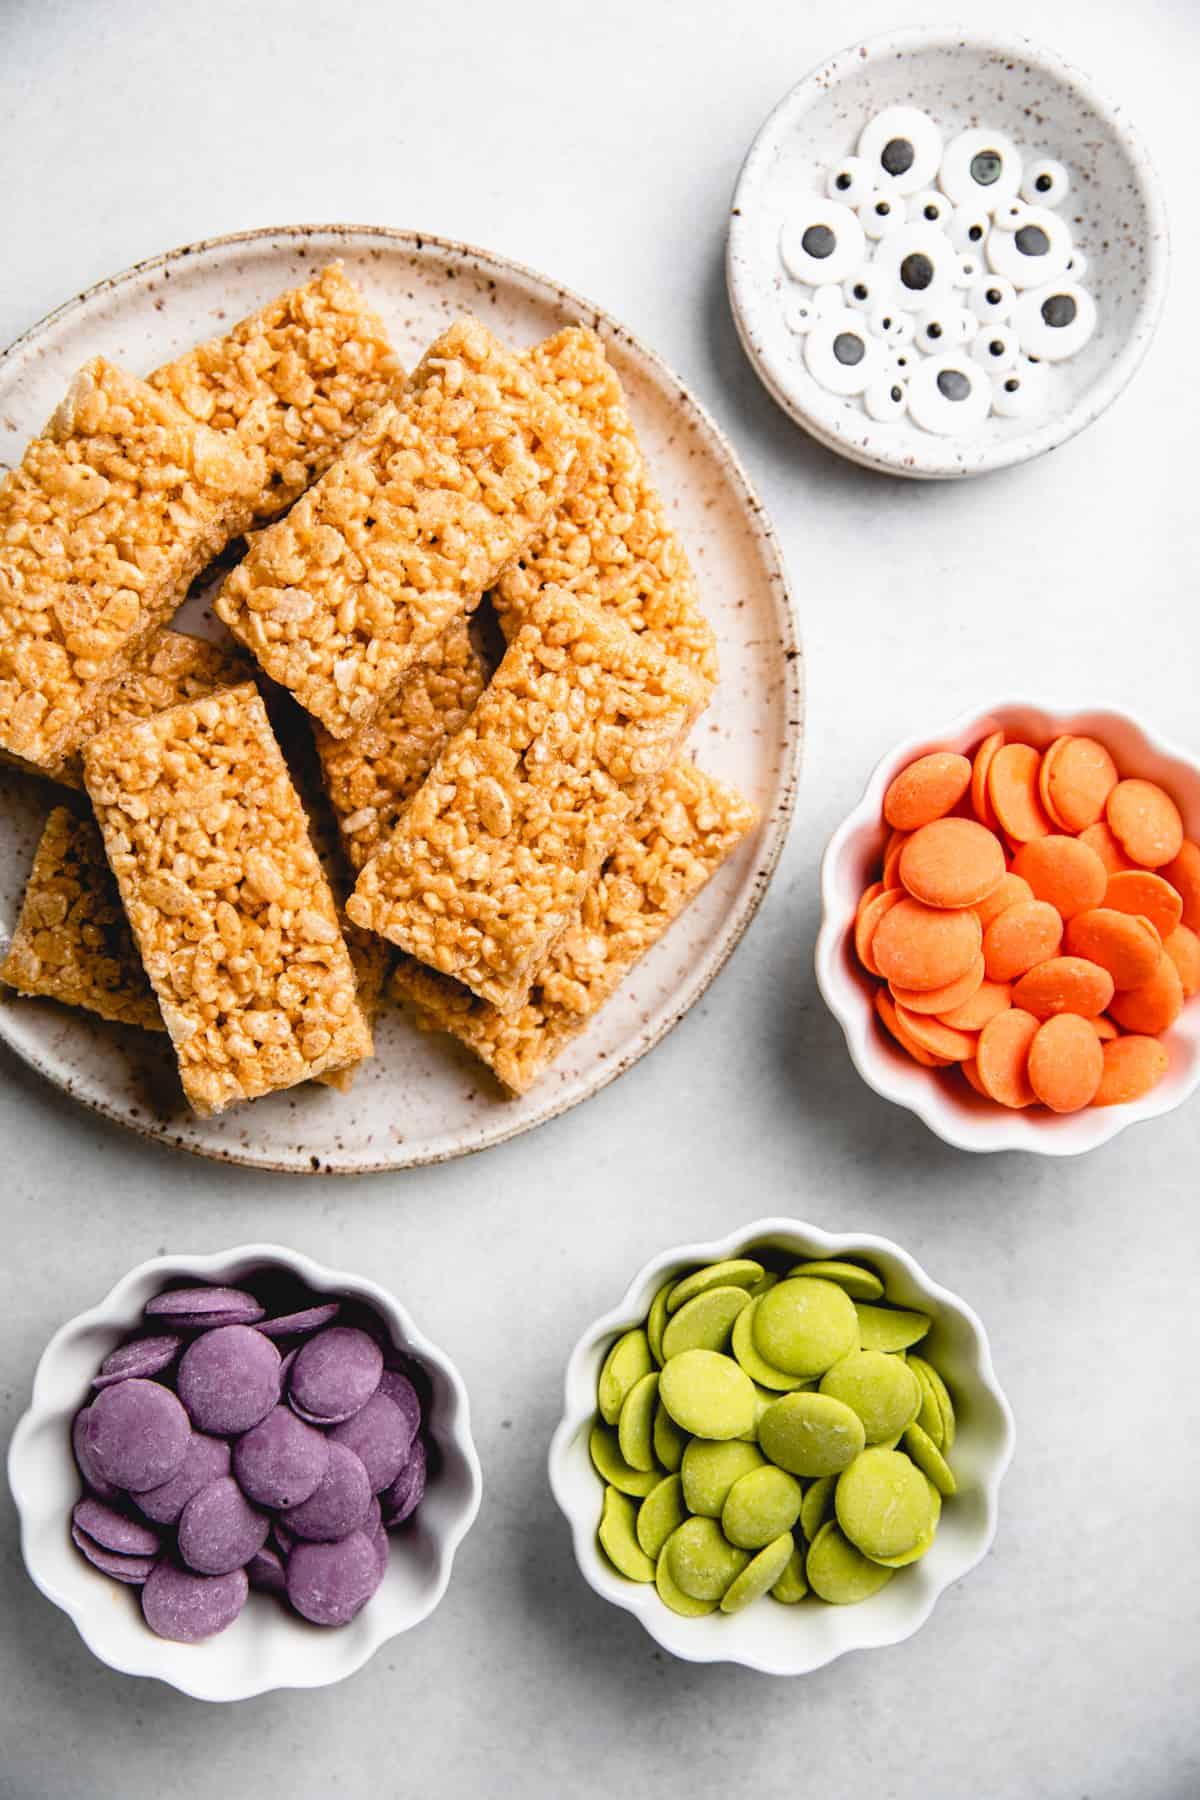 Ingredients for Halloween Rice Krispie Treats.